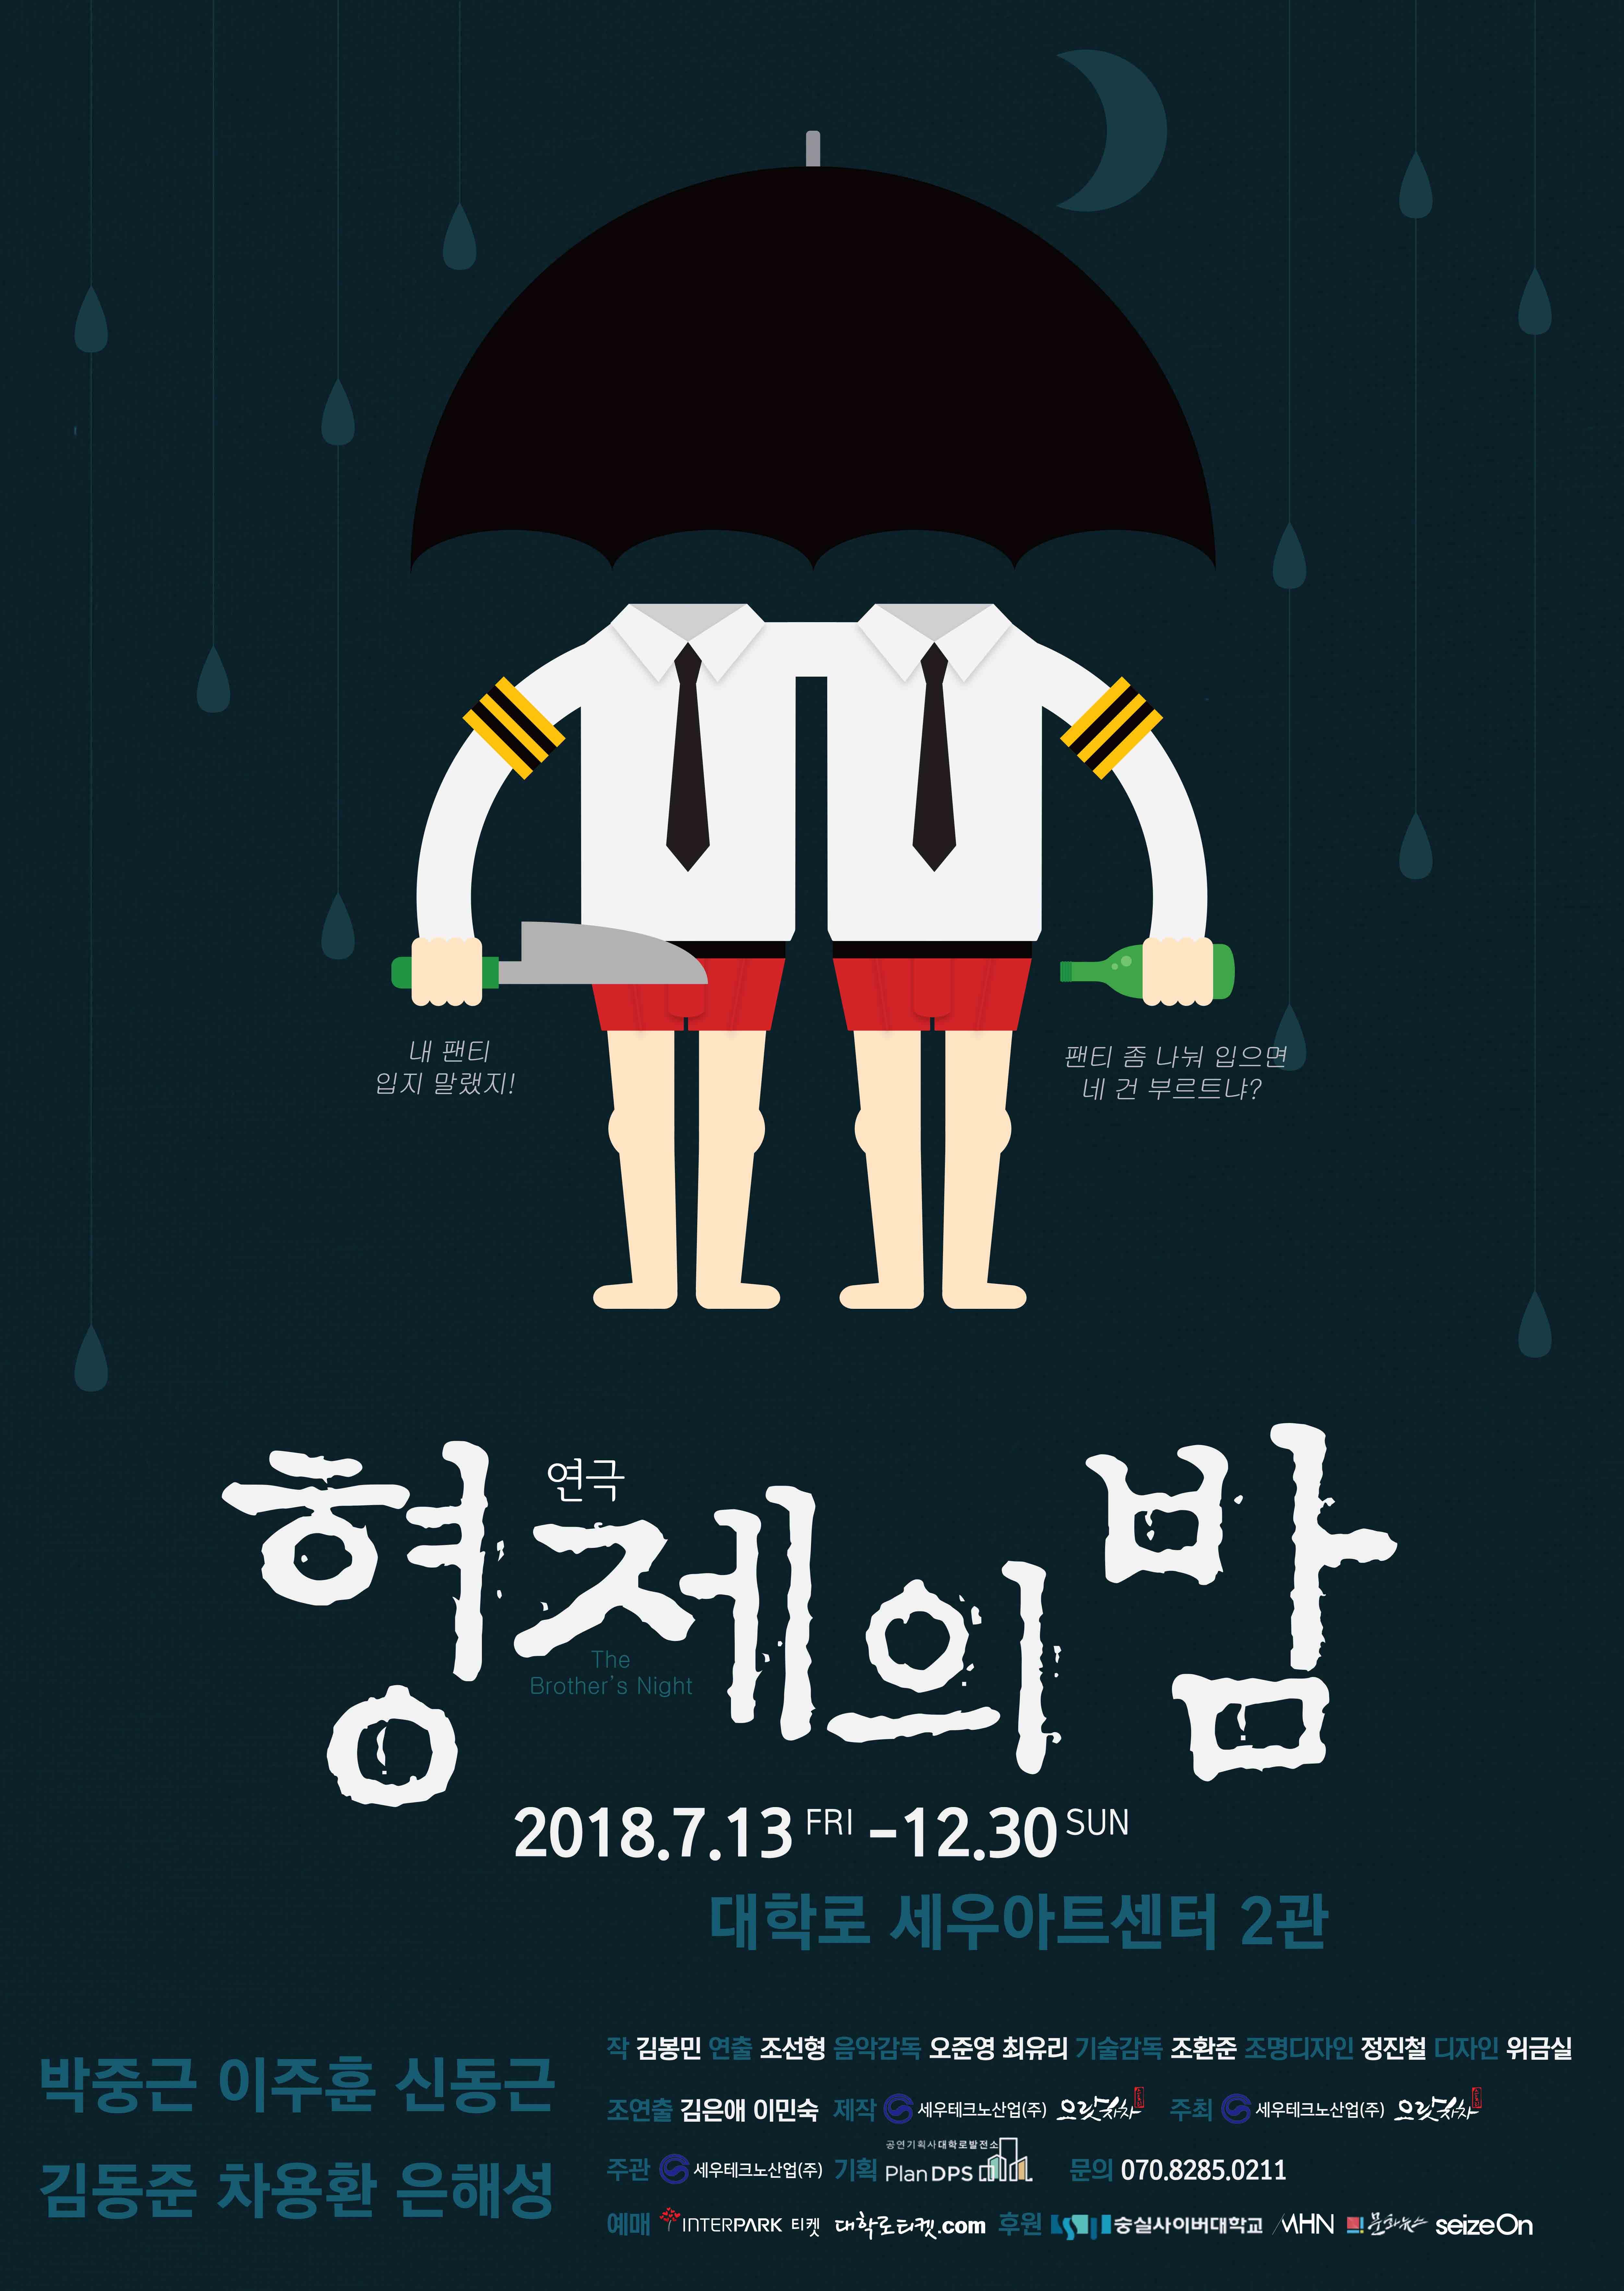 [대학로 휴먼코미디 연극_형제의밤] A2_포스터_온라인.jpg